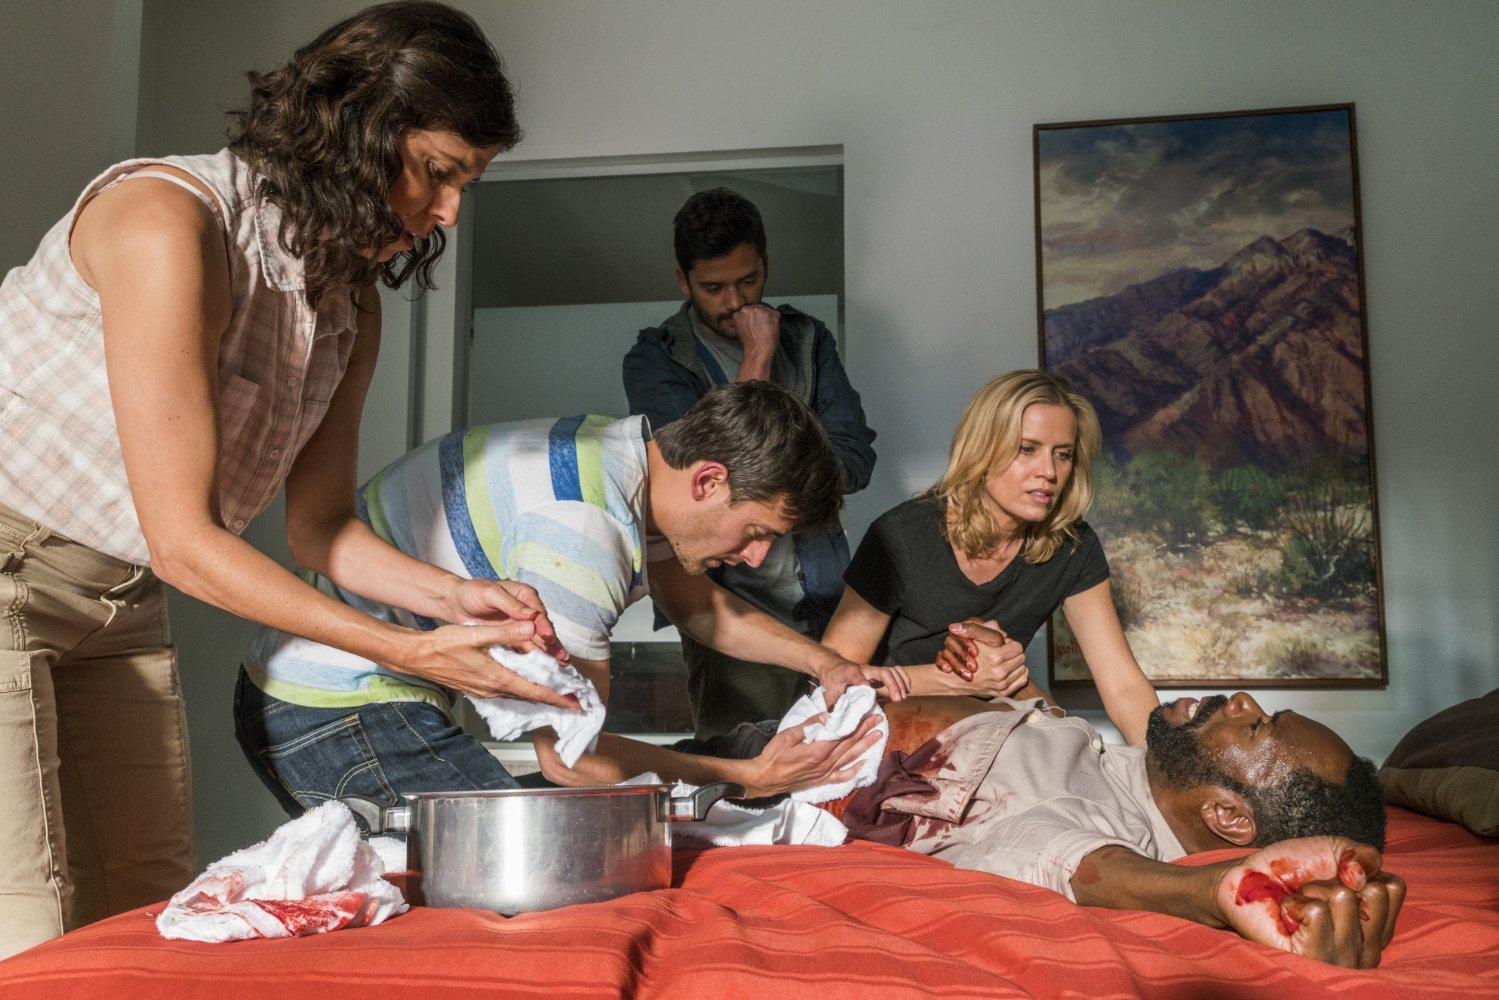 Постельная Сцена С Оливией Тирлби – Между Нами (2020)